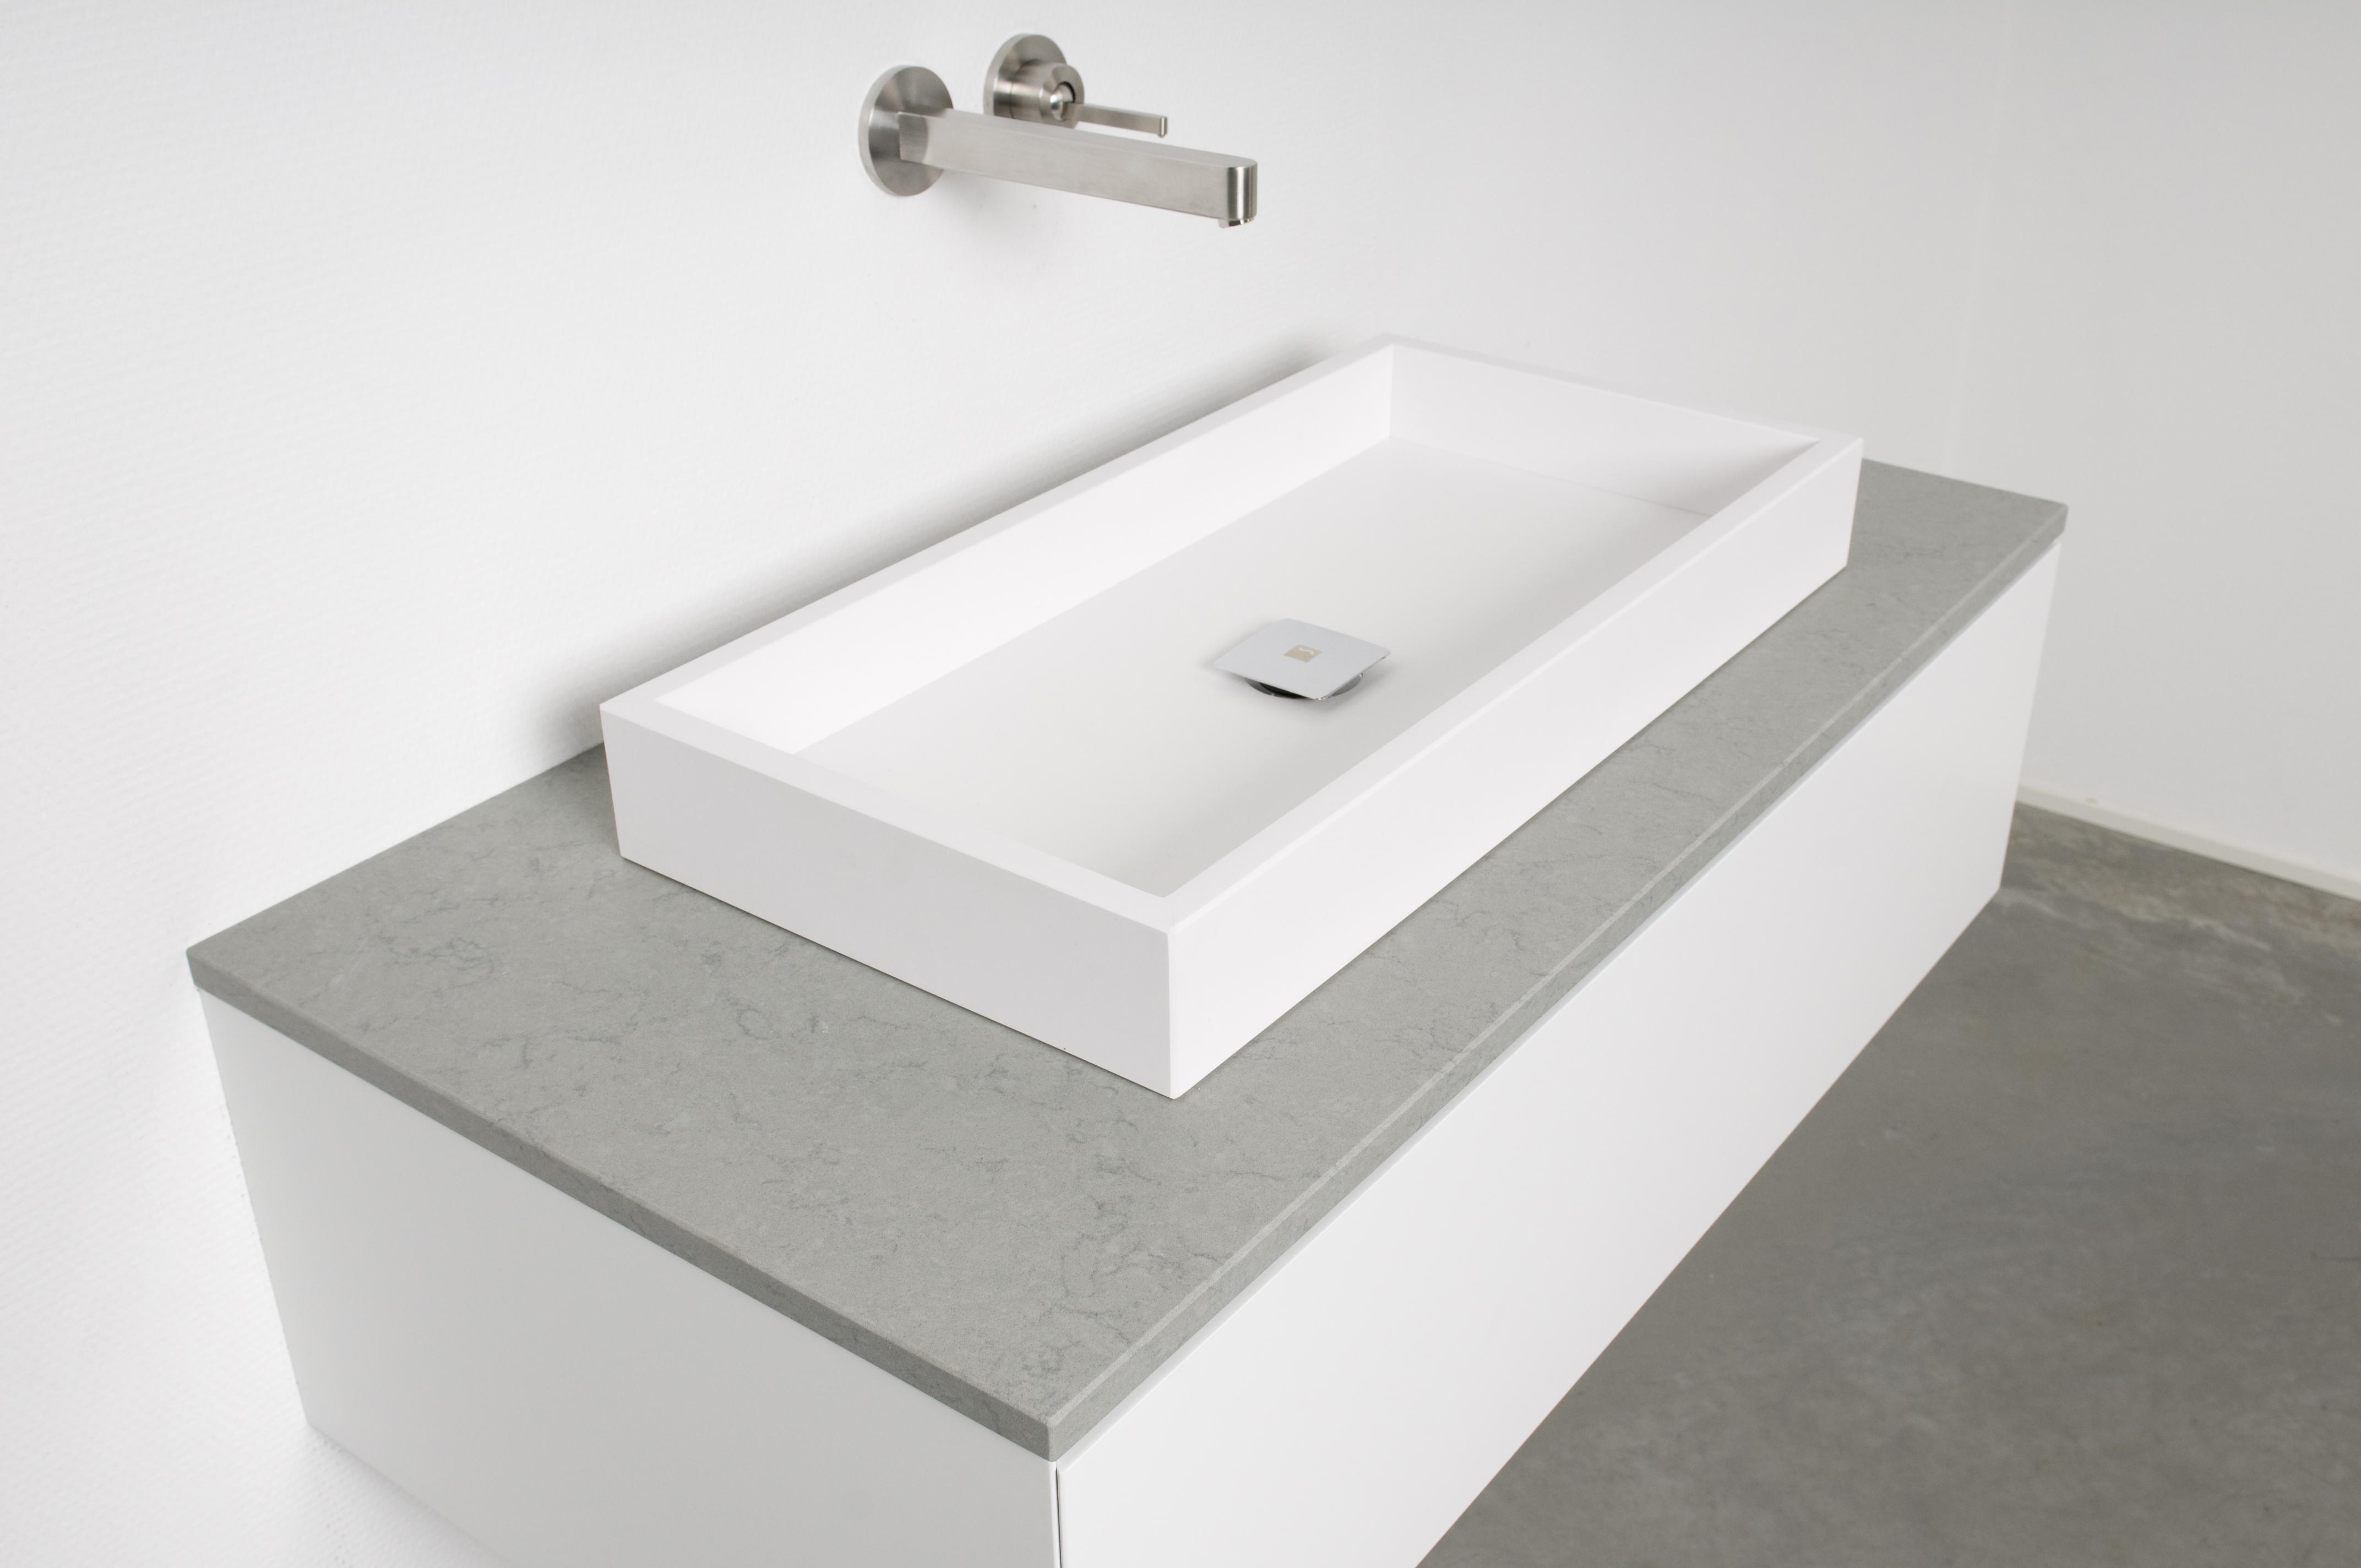 sjiek badmeubelen van q artz nieuws startpagina voor badkamer